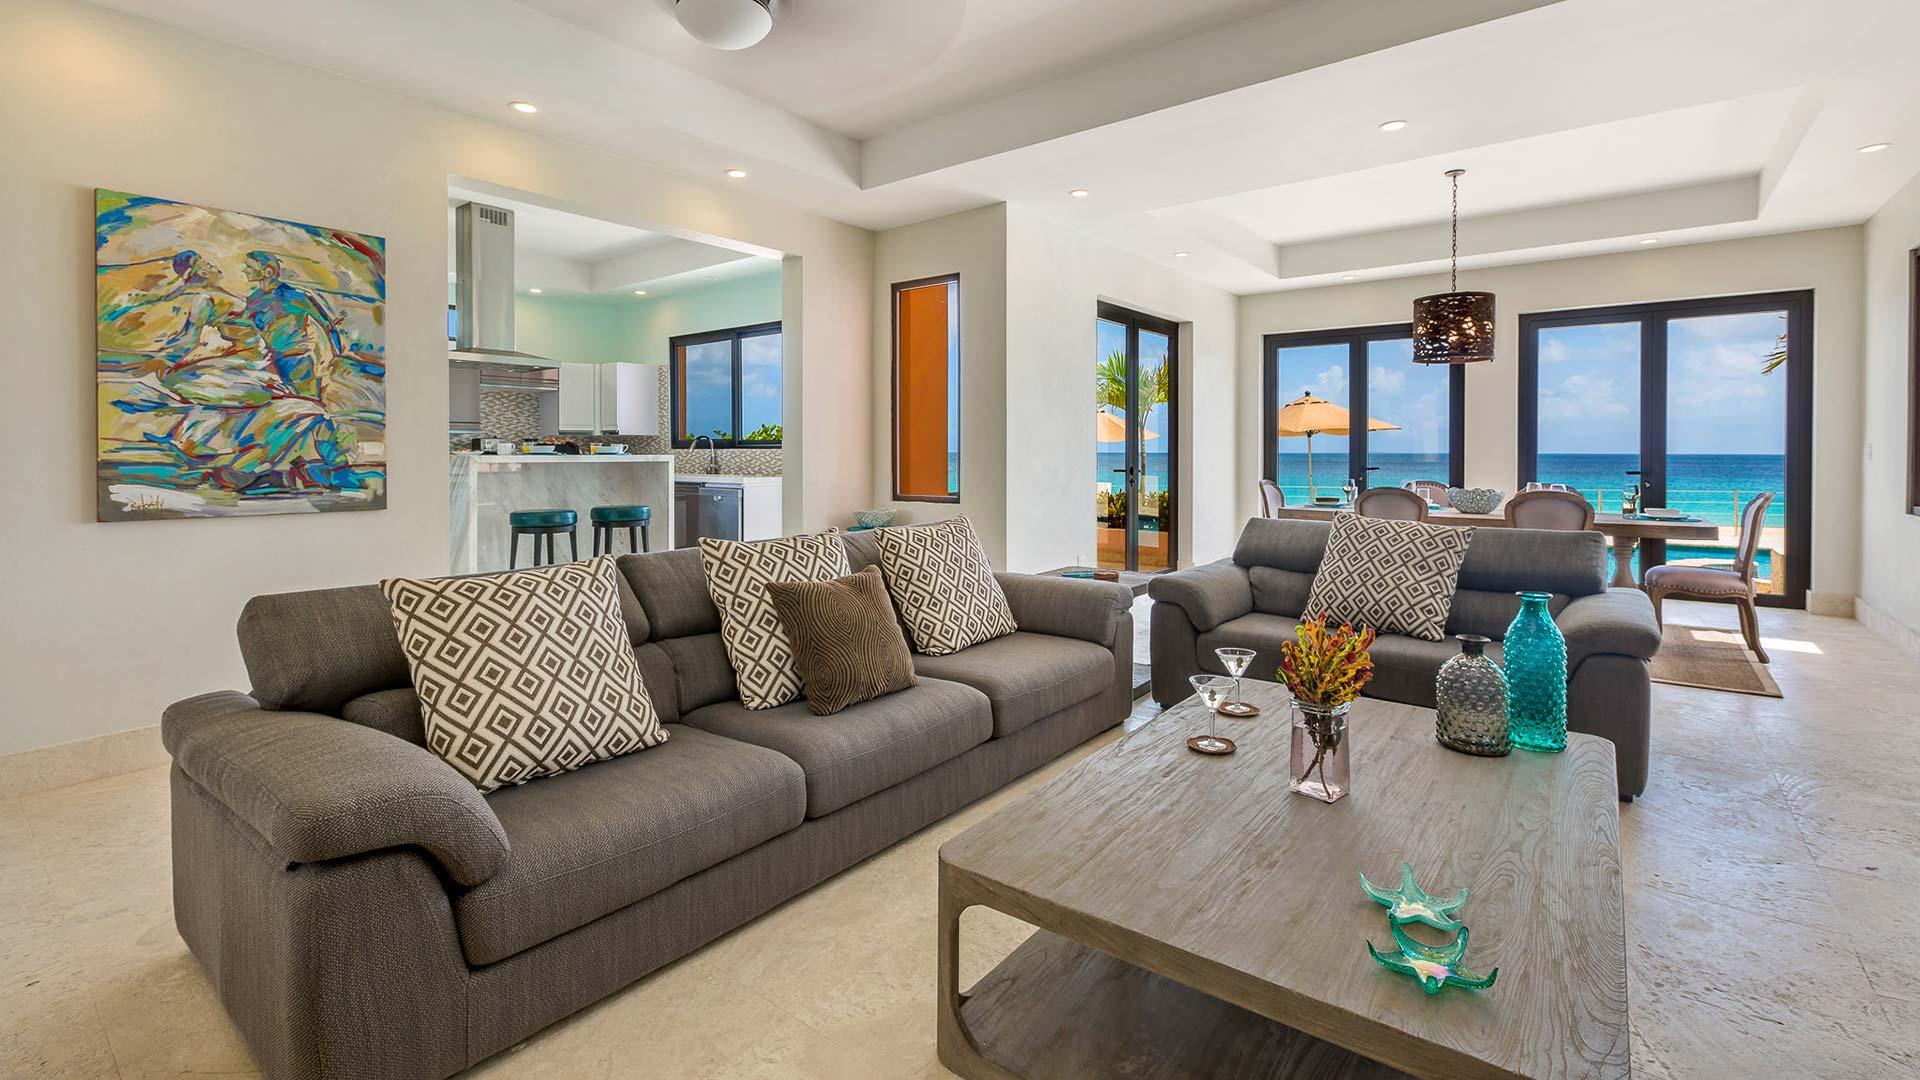 frangipani living room